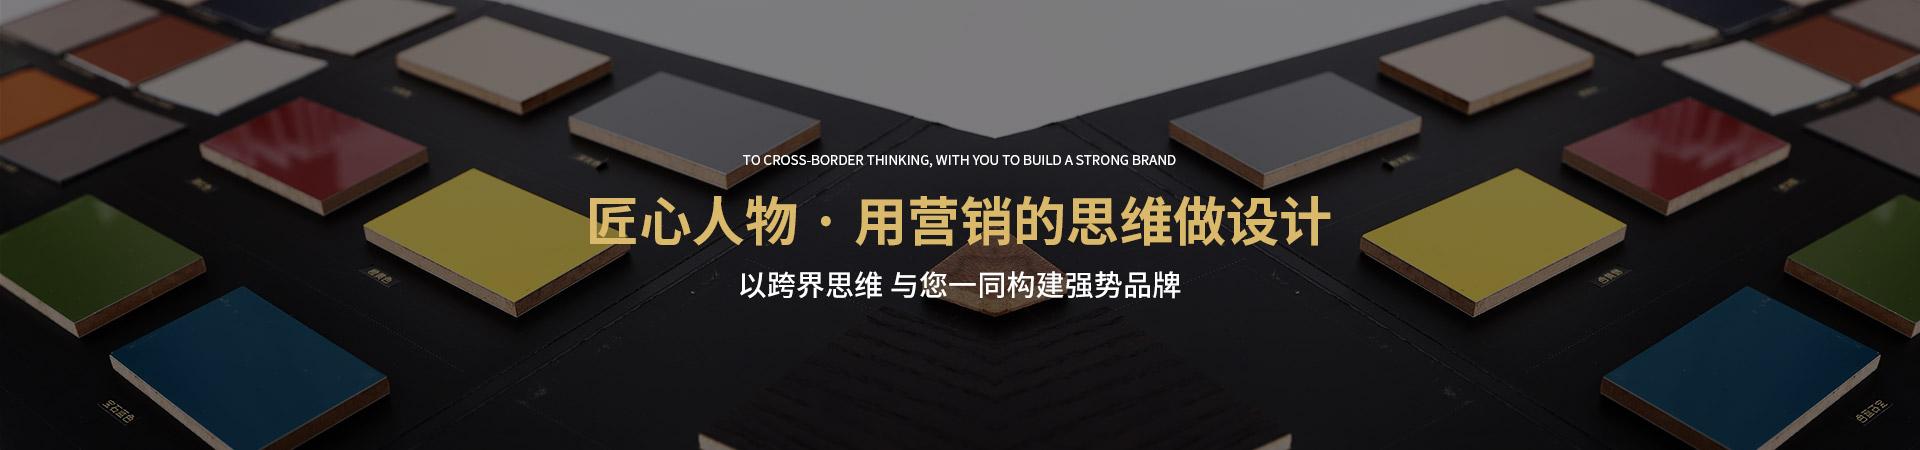 赢咖2代理-赢咖2人物·用营销的思维做设计